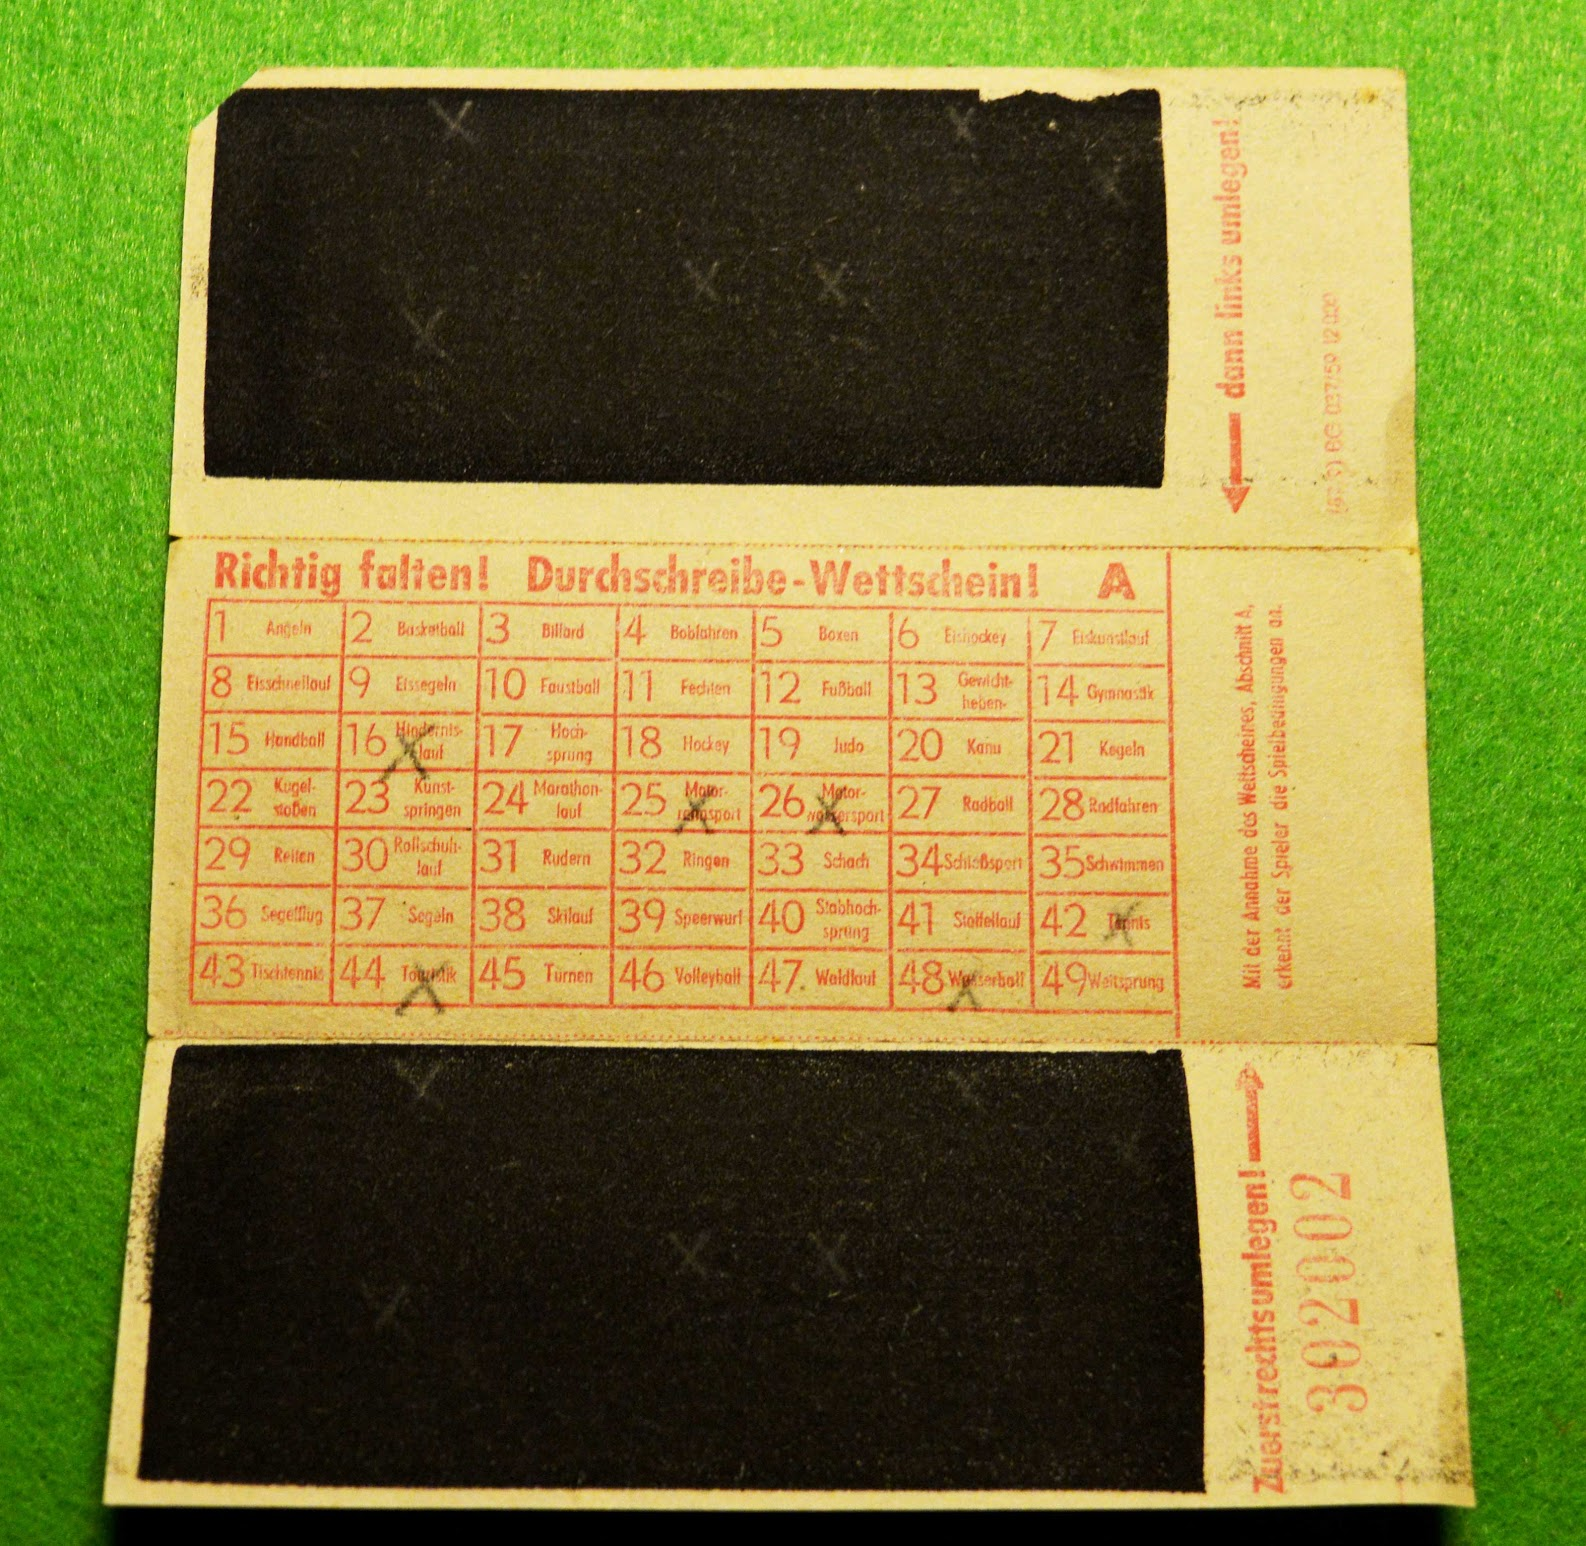 DDR - Lottoschein 6 aus 49